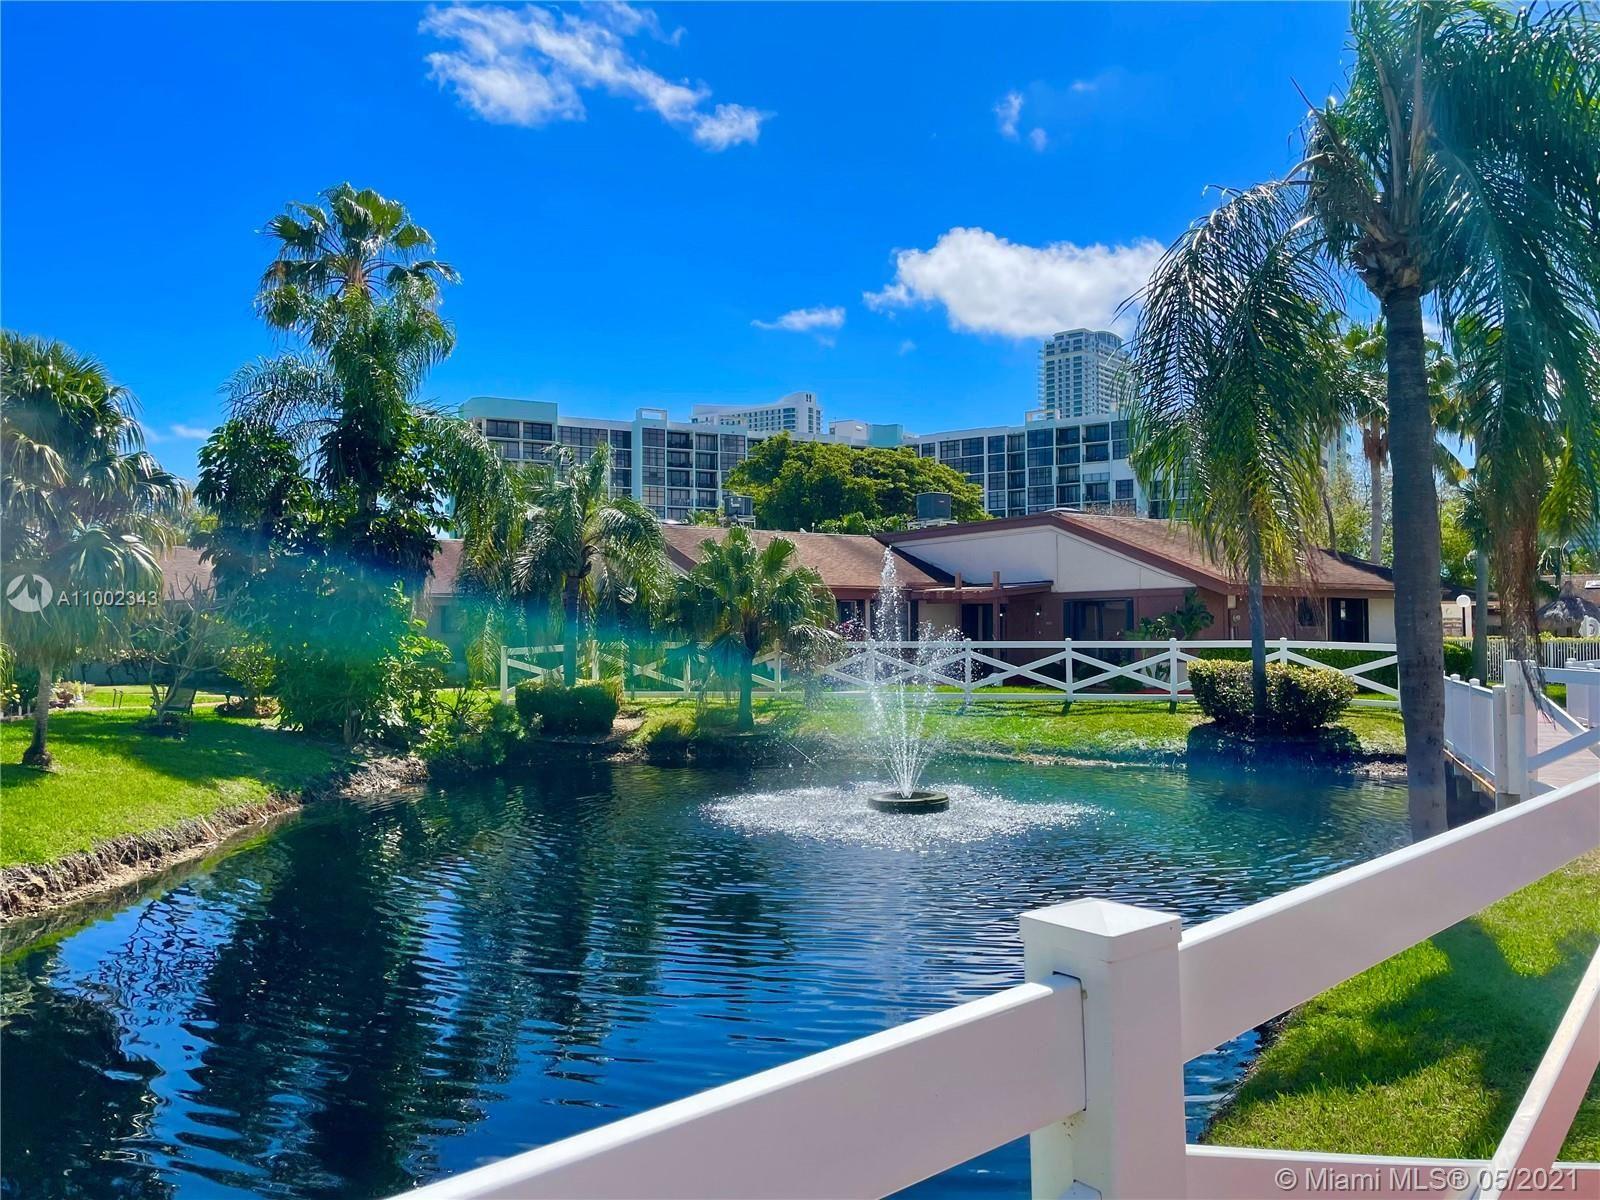 Photo of 605 Leslie Dr, Hallandale Beach, FL 33009 (MLS # A11002343)